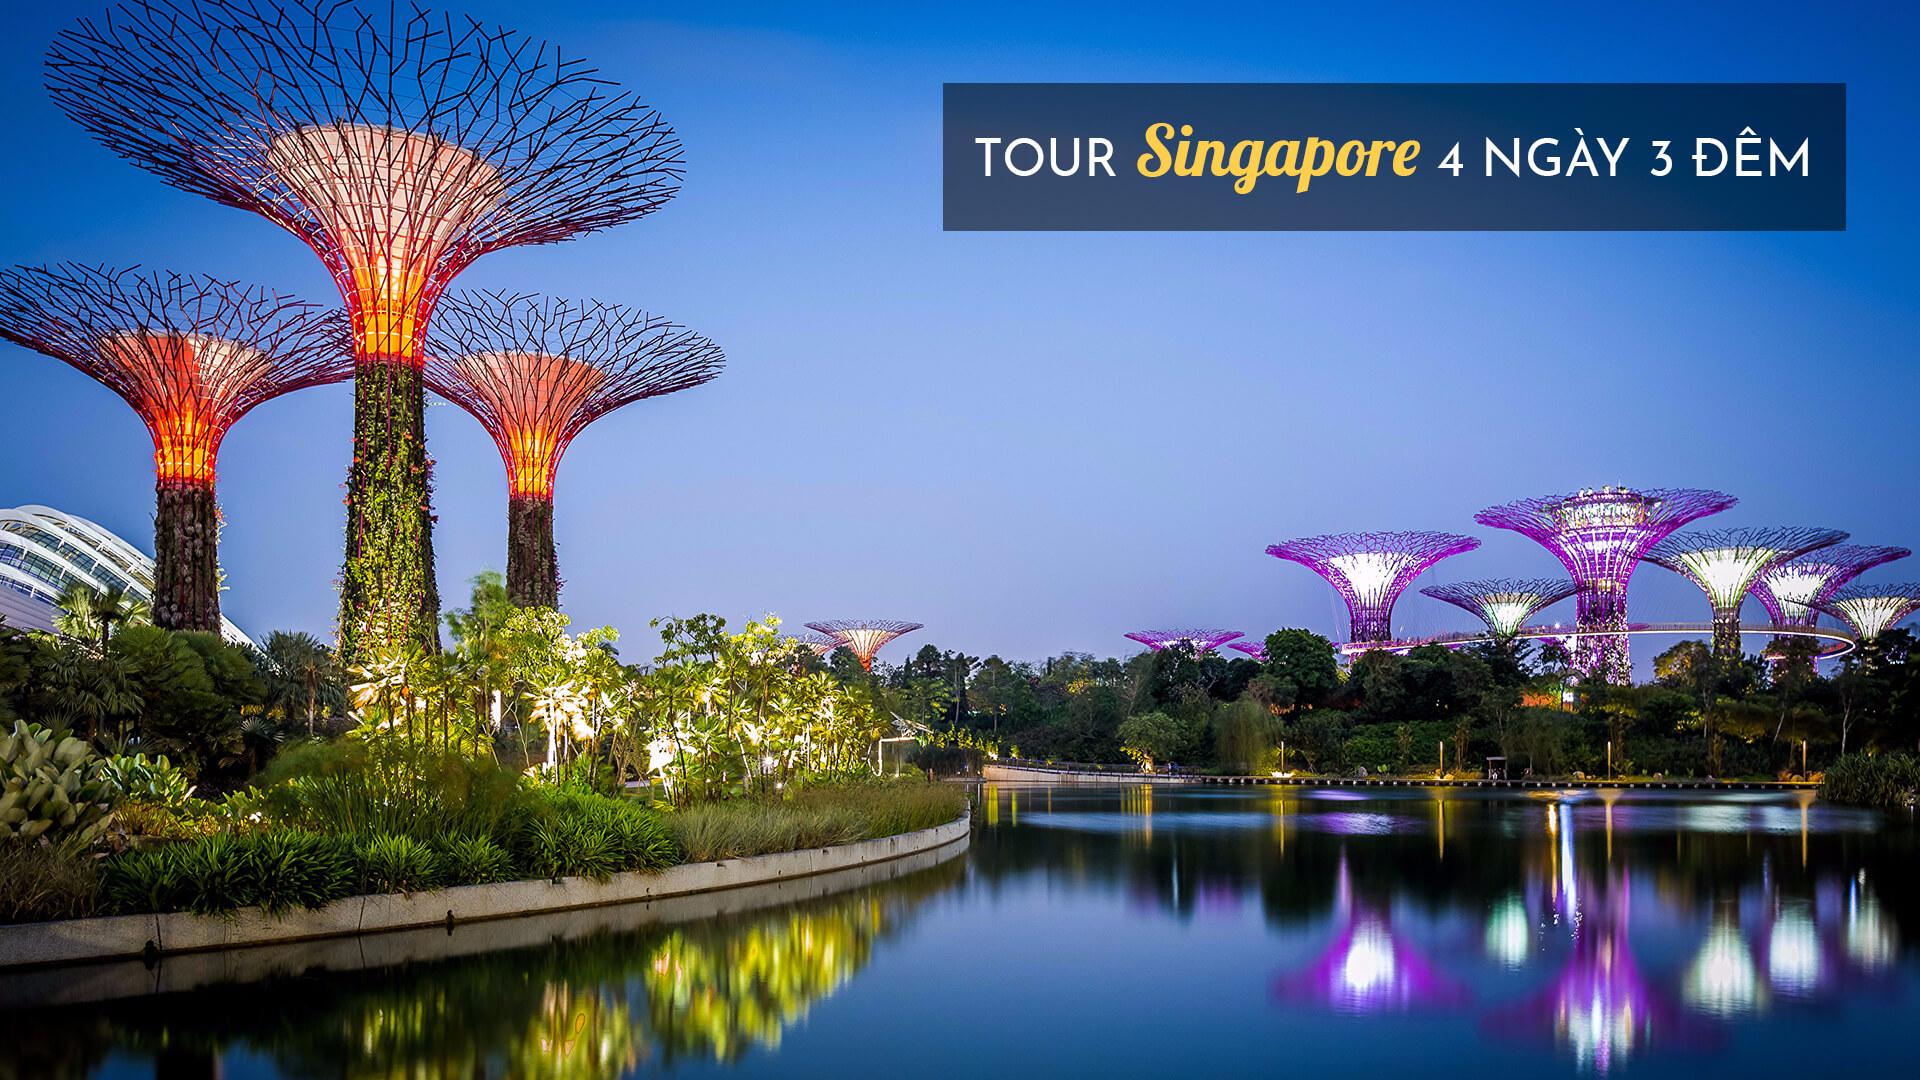 Tour Singapore 4 ngày 3 đêm các tháng năm 2019 từ Hà Nội giá rẻ